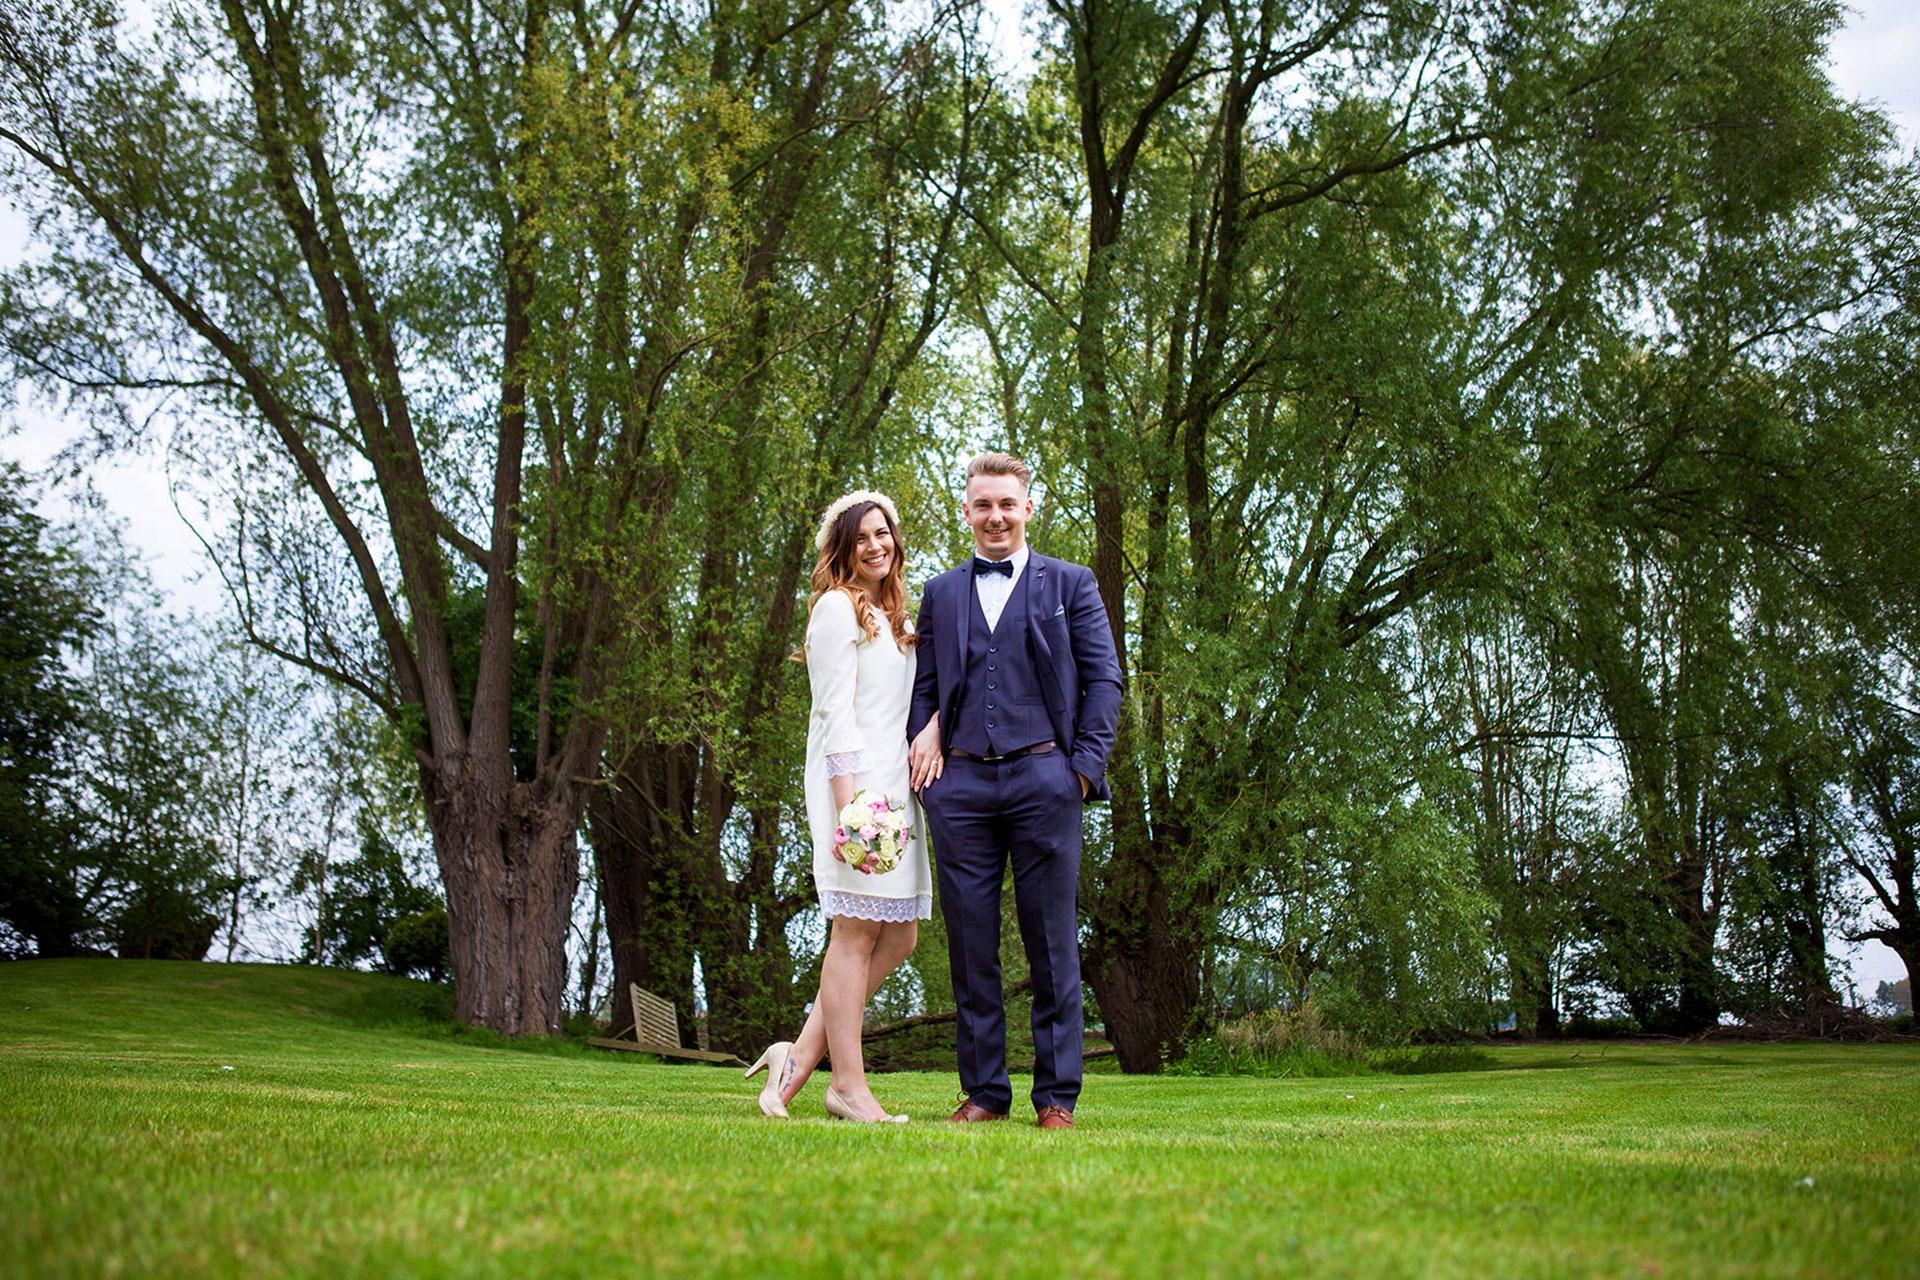 mariage-zelie-valentin-17